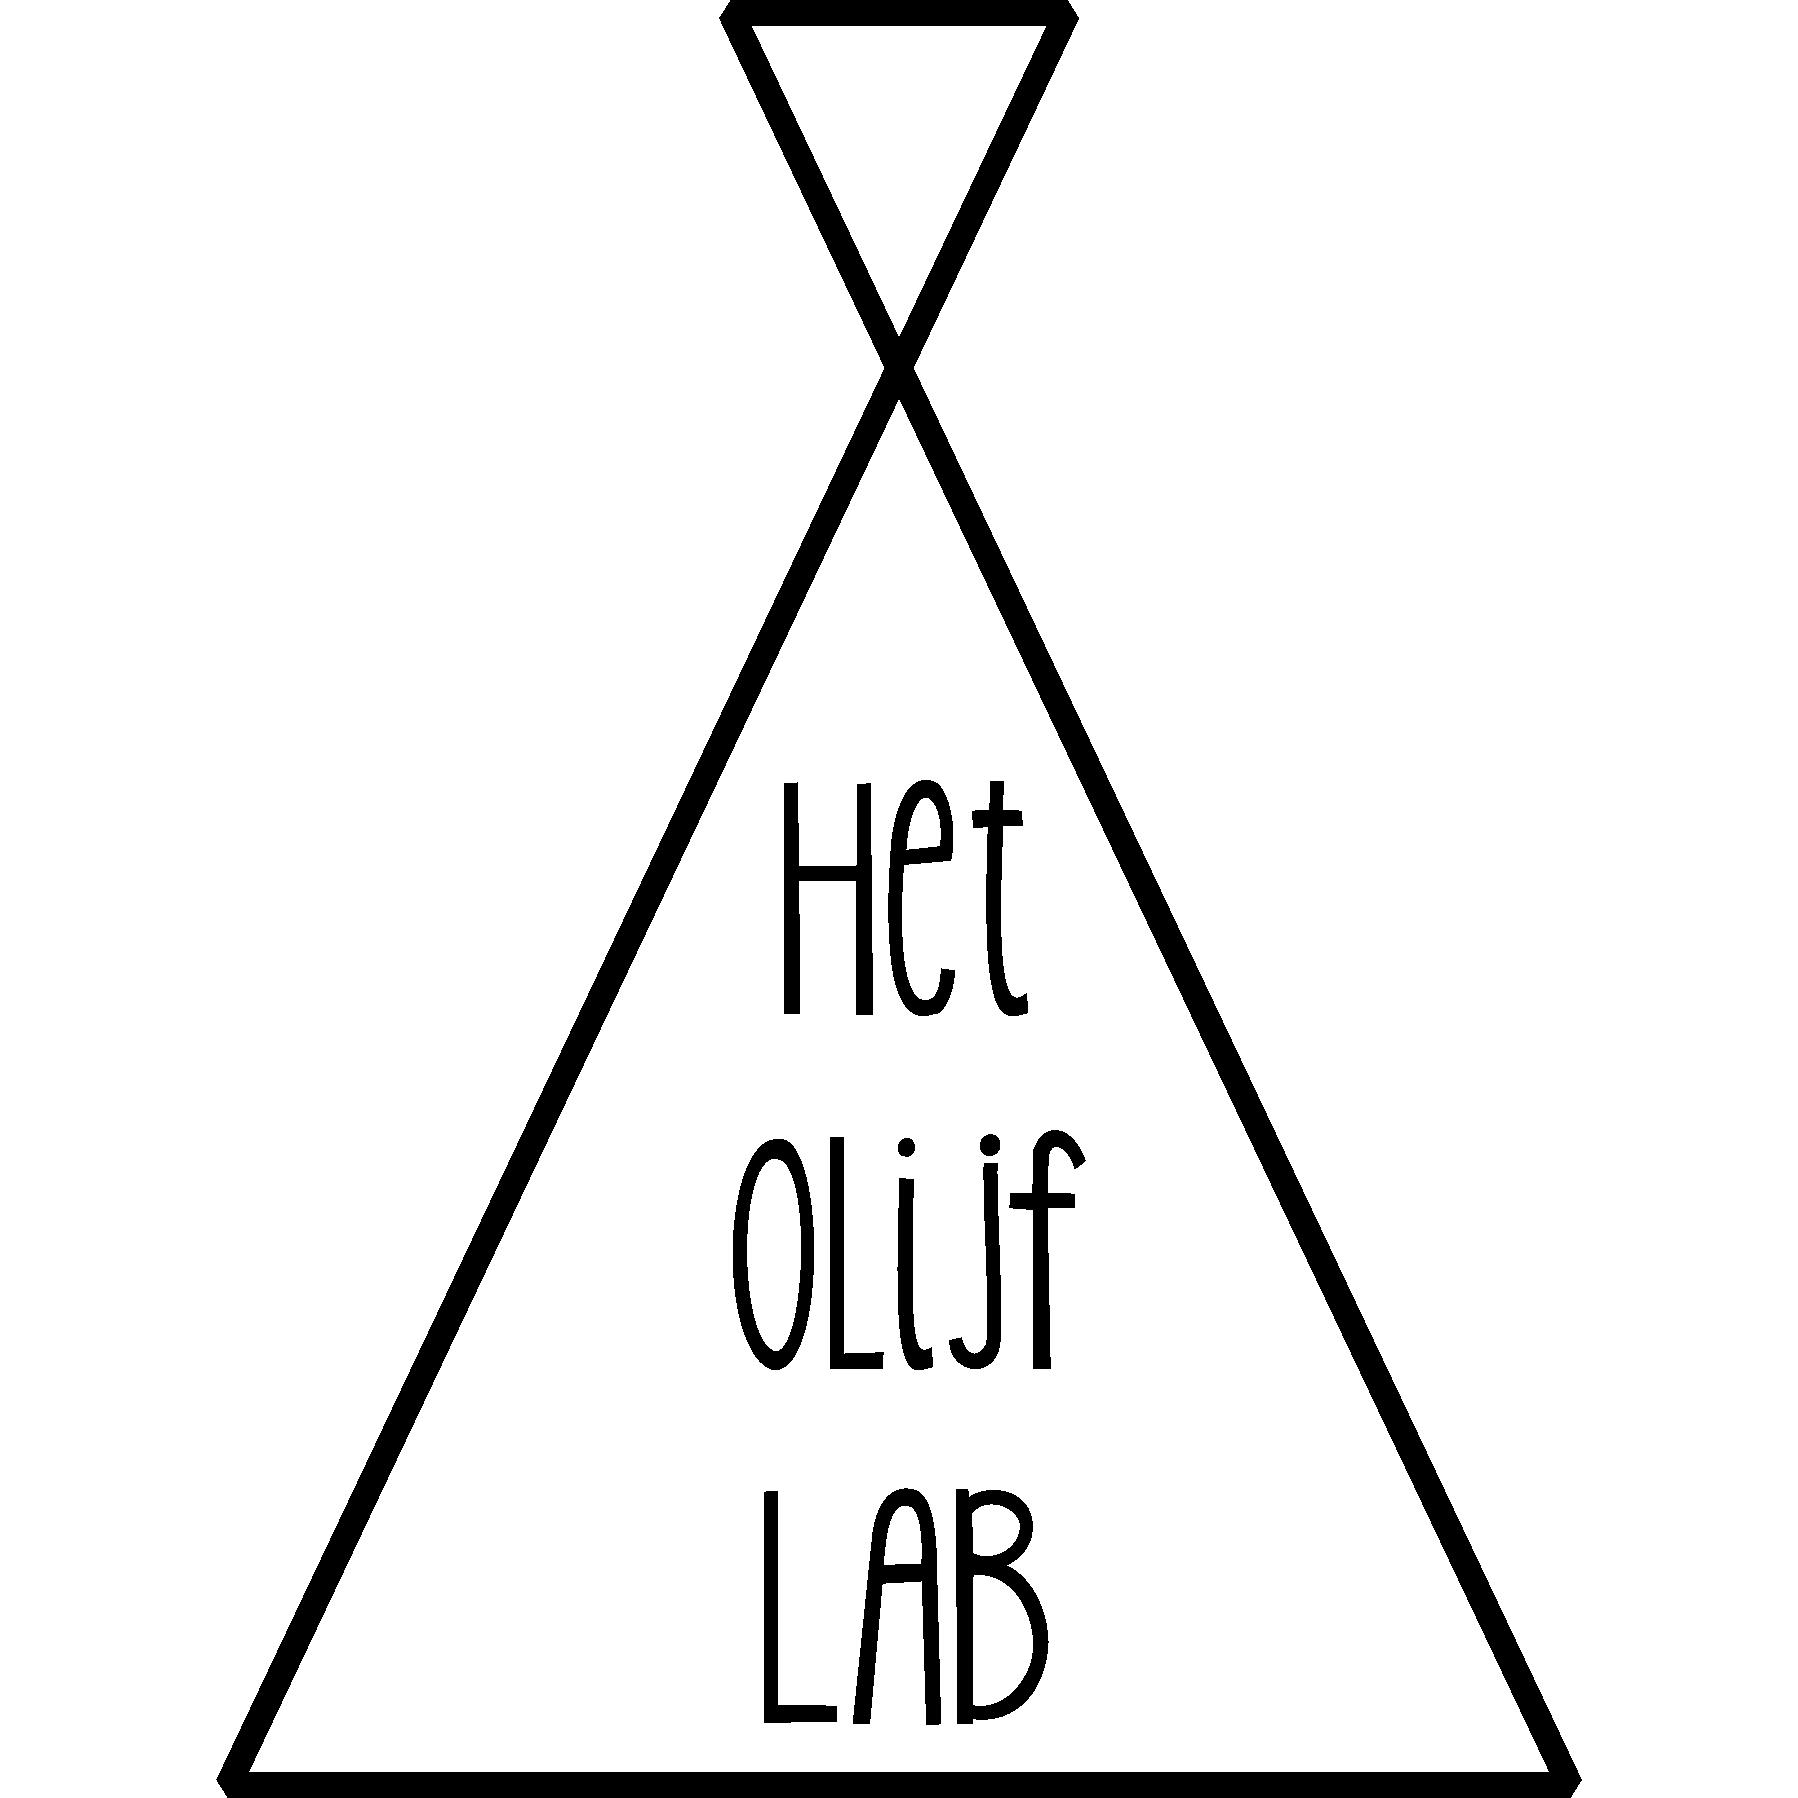 Het Olijflab